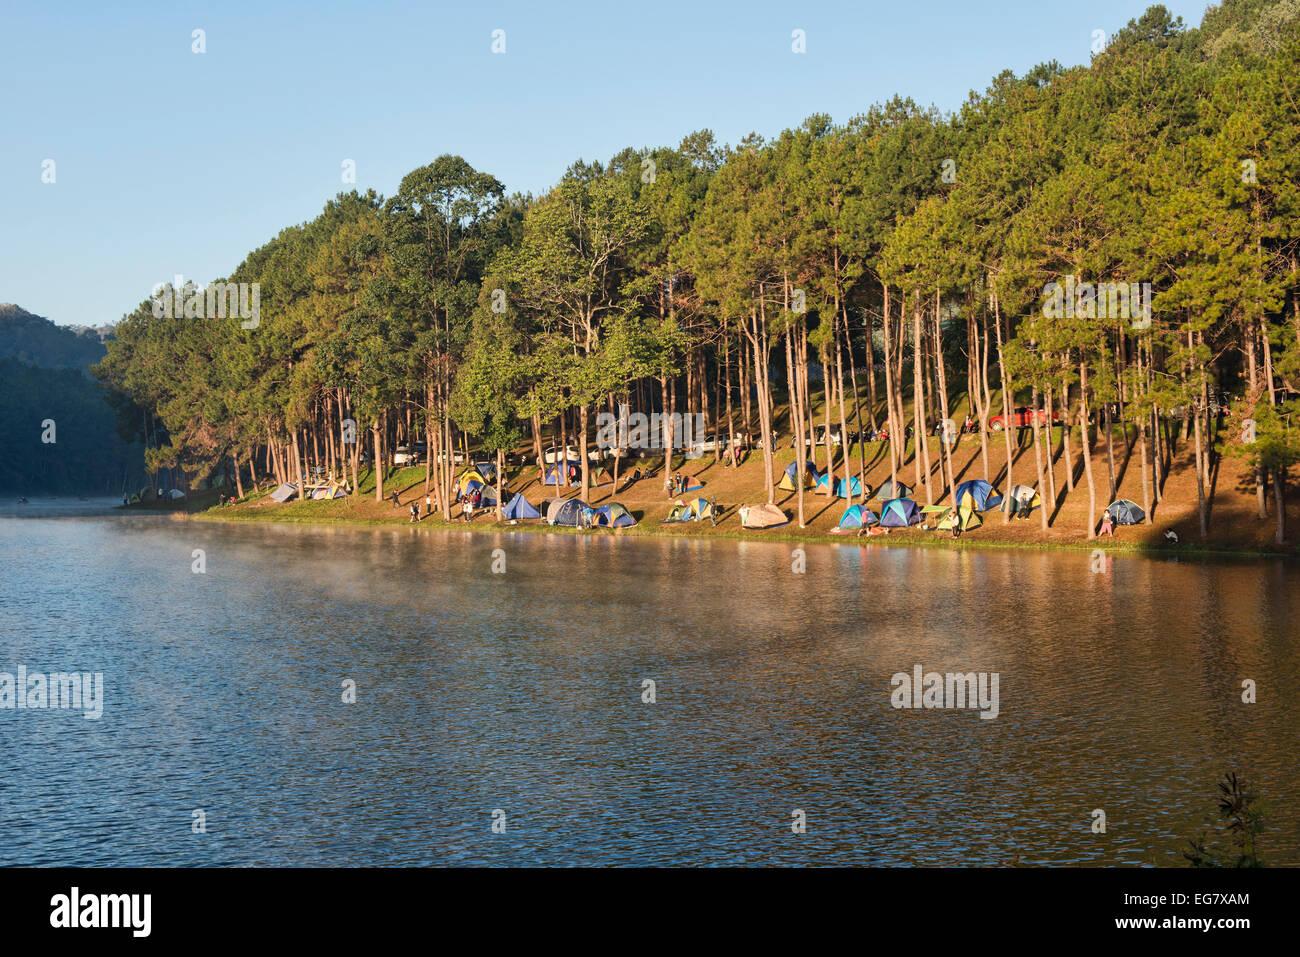 Camping at Pang Ung Lake, Mae Hong Son, Thailand - Stock Image